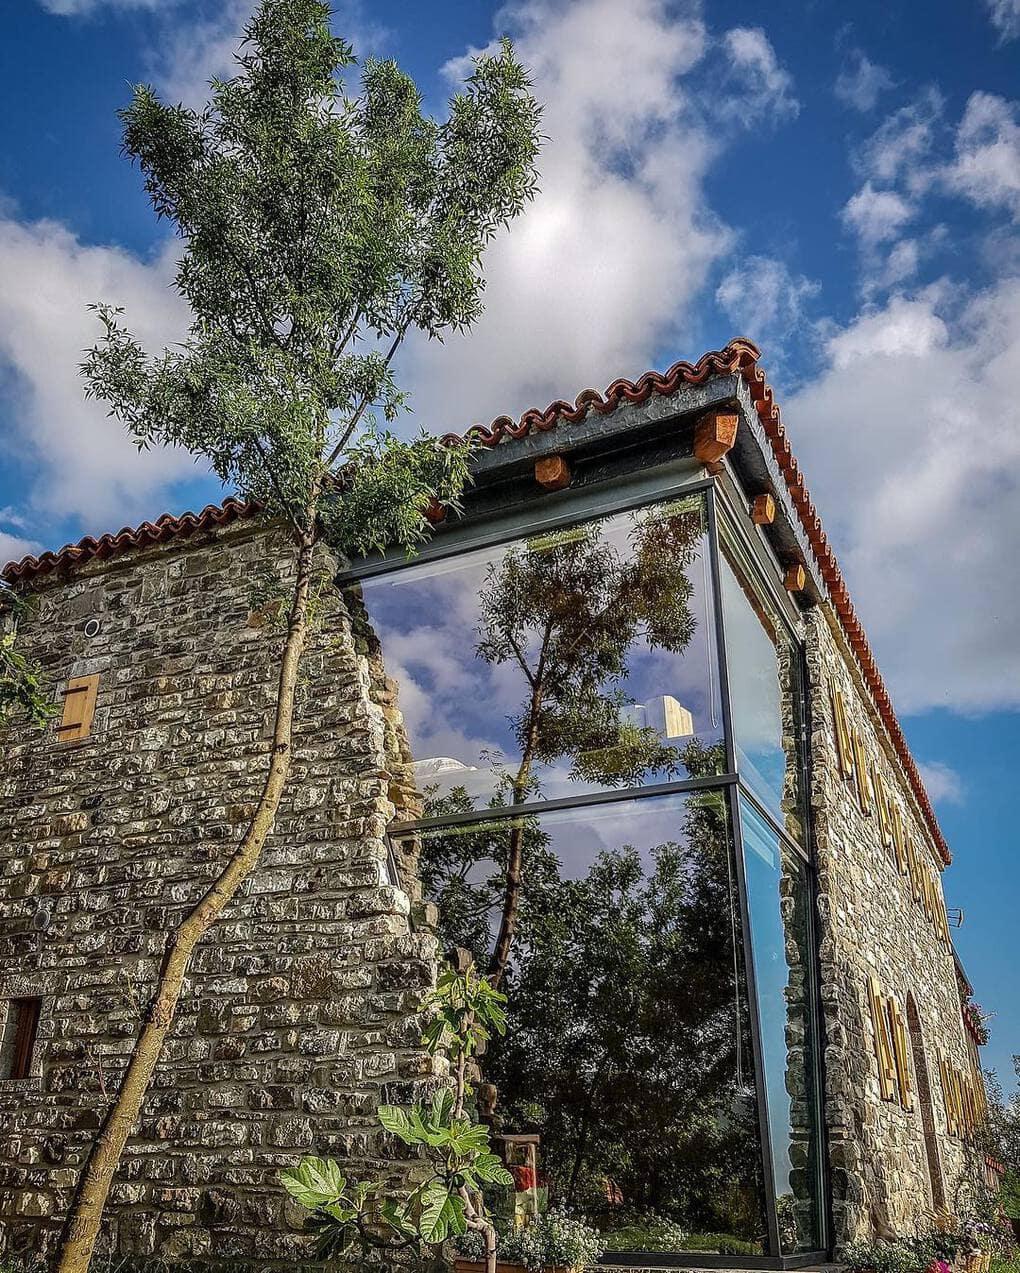 mrizi i zanave 57040236 367009647284722 6759934750253991105 n - В Албании есть невероятный дом с углом из стекла: что он из себя представляет и как выглядит внутри